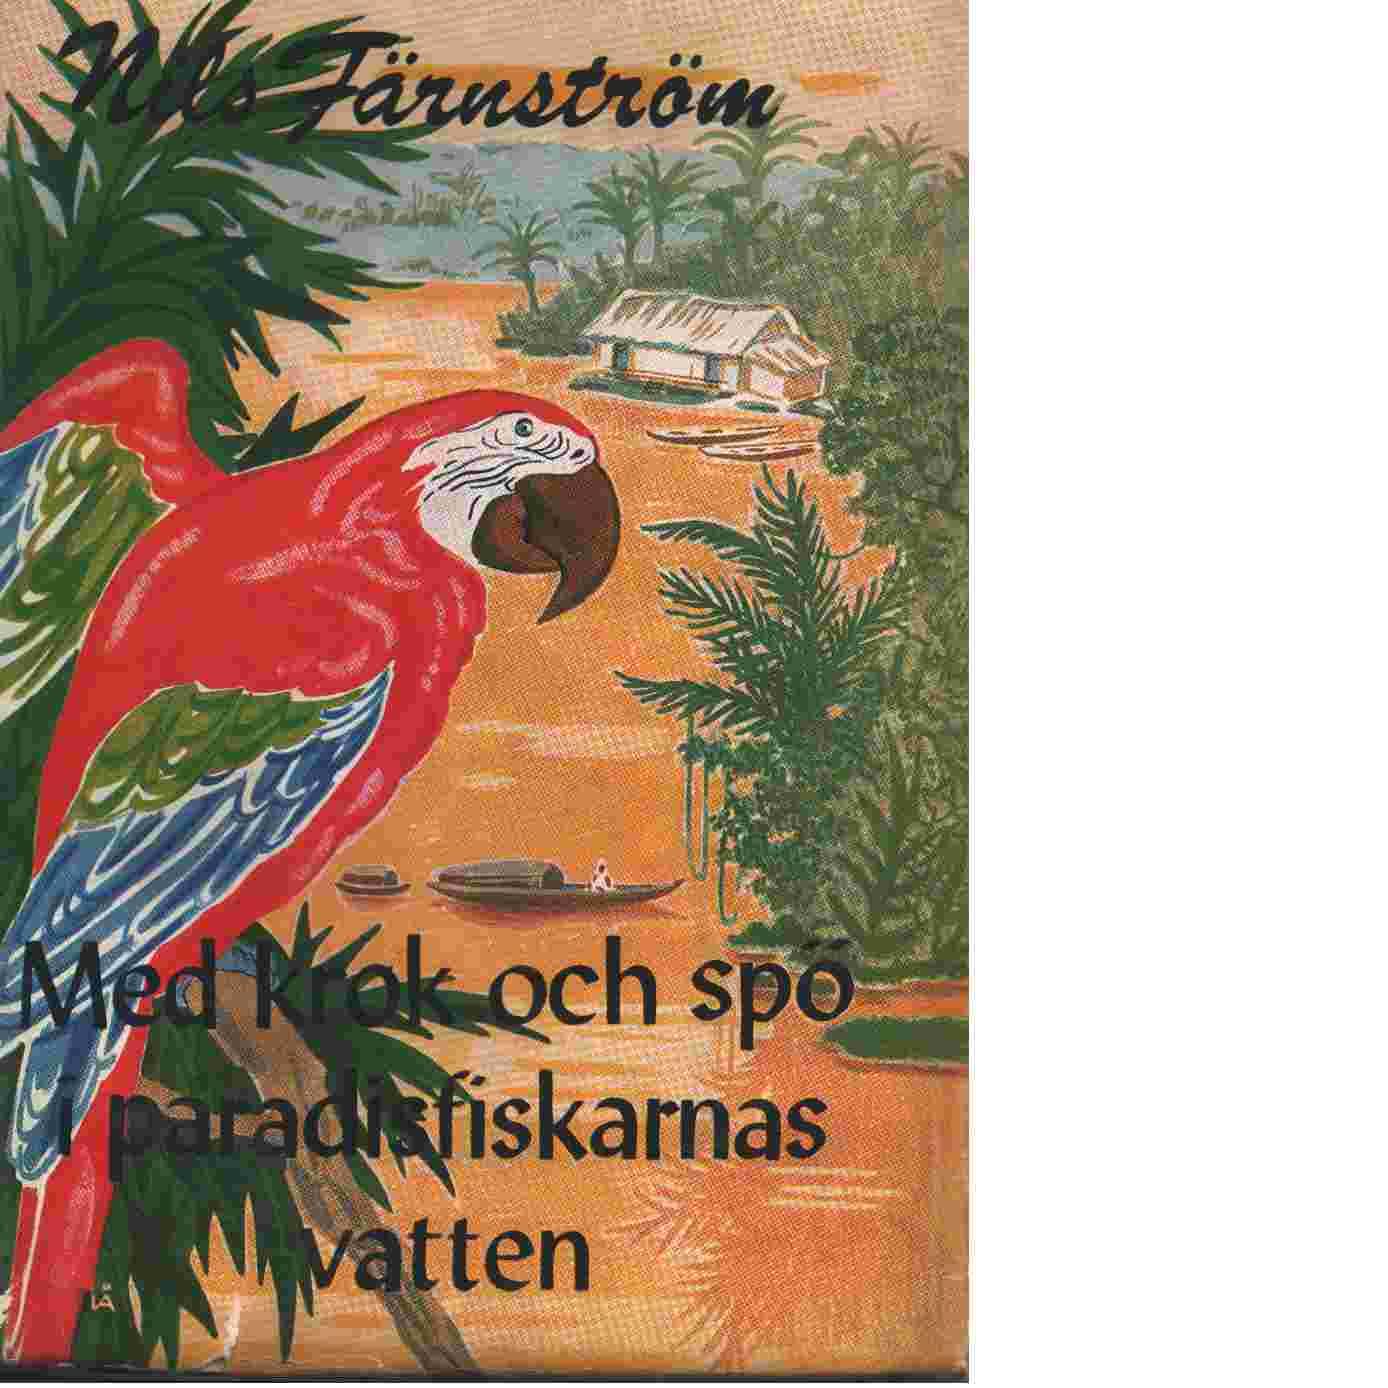 Med krok och spö i paradisfiskarnas vatten. - Färnström, Nils